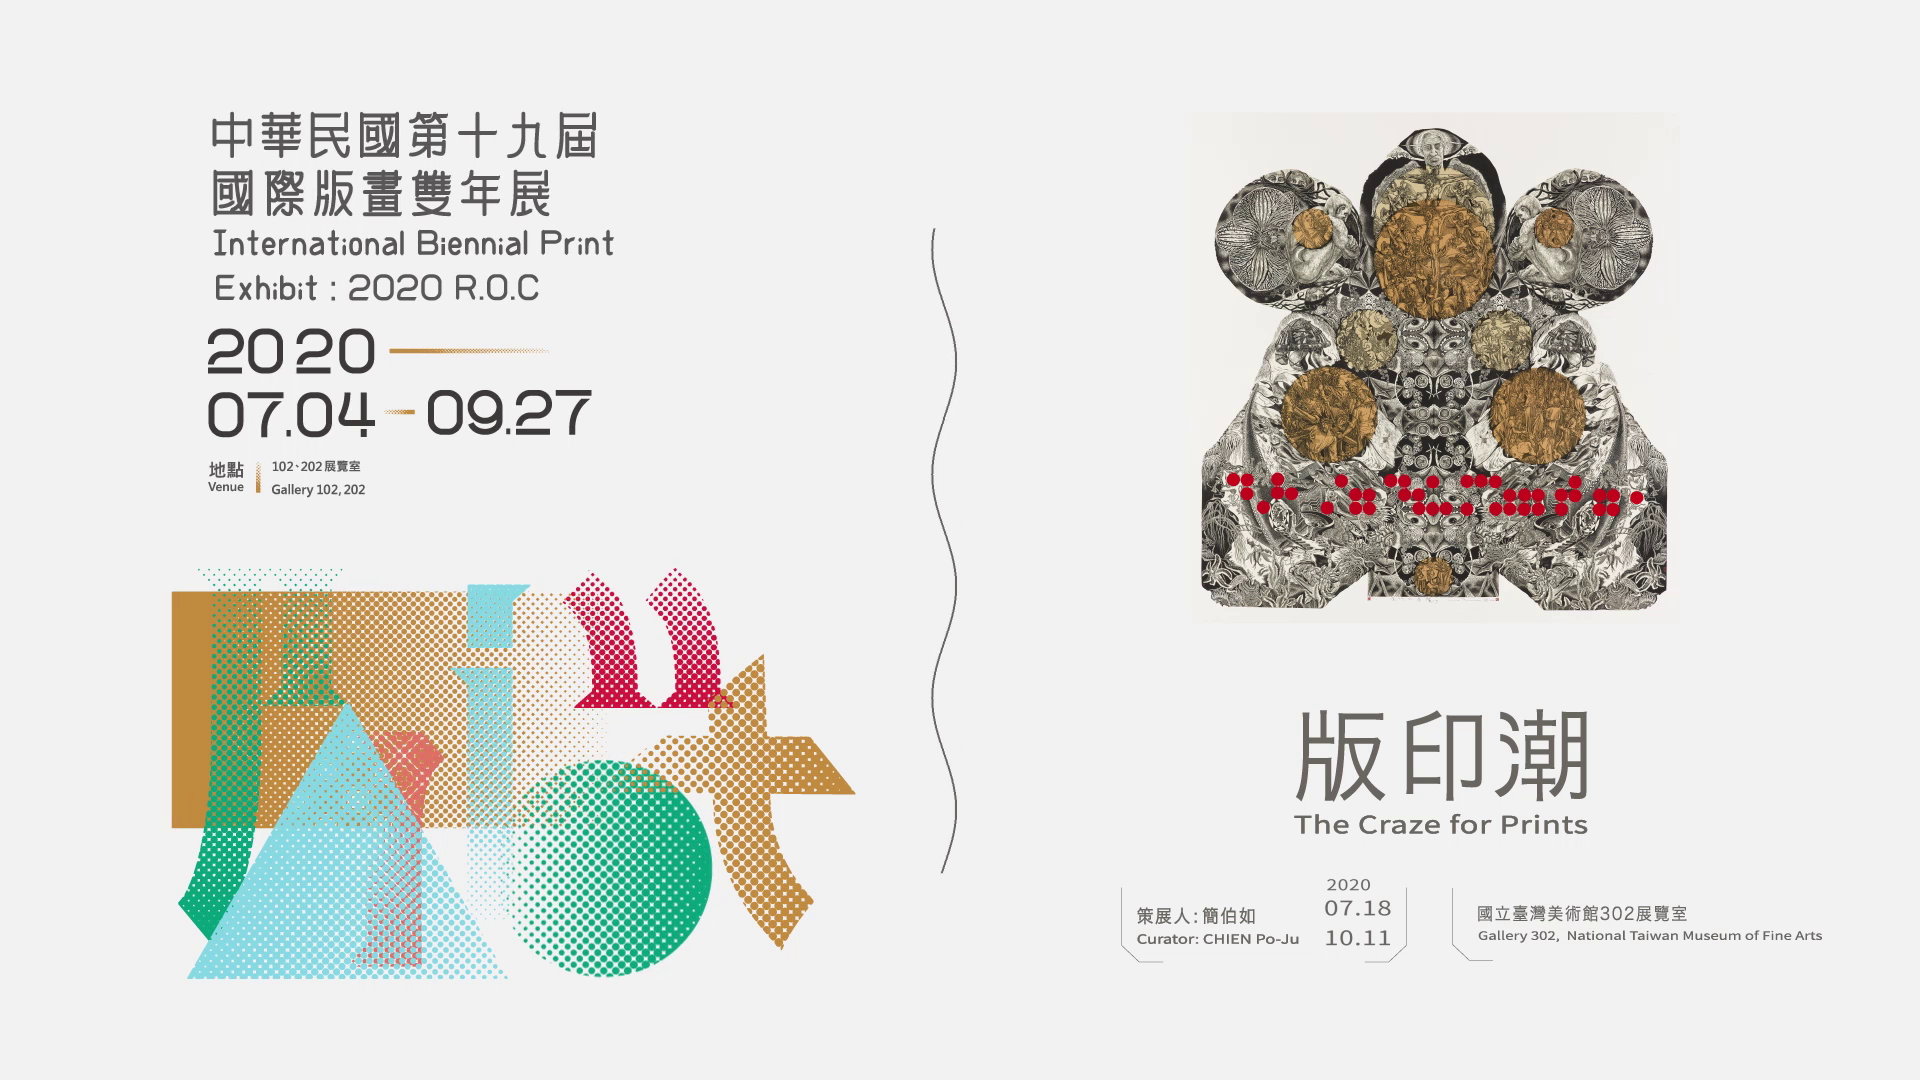 「中華民國第十九屆國際版畫雙年展預告片